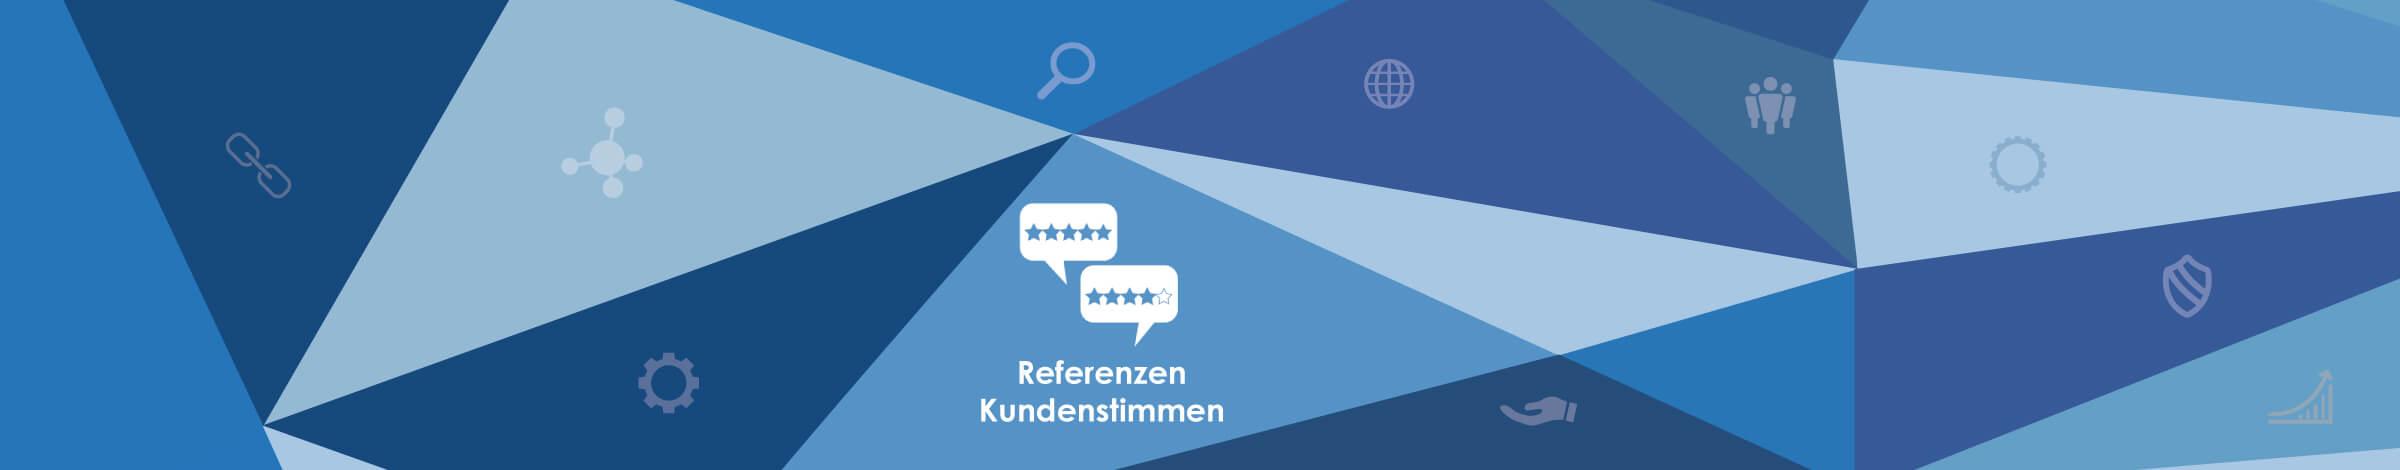 web_updates_kmu_wuk-ch_Referenzen-Kundenstimmen